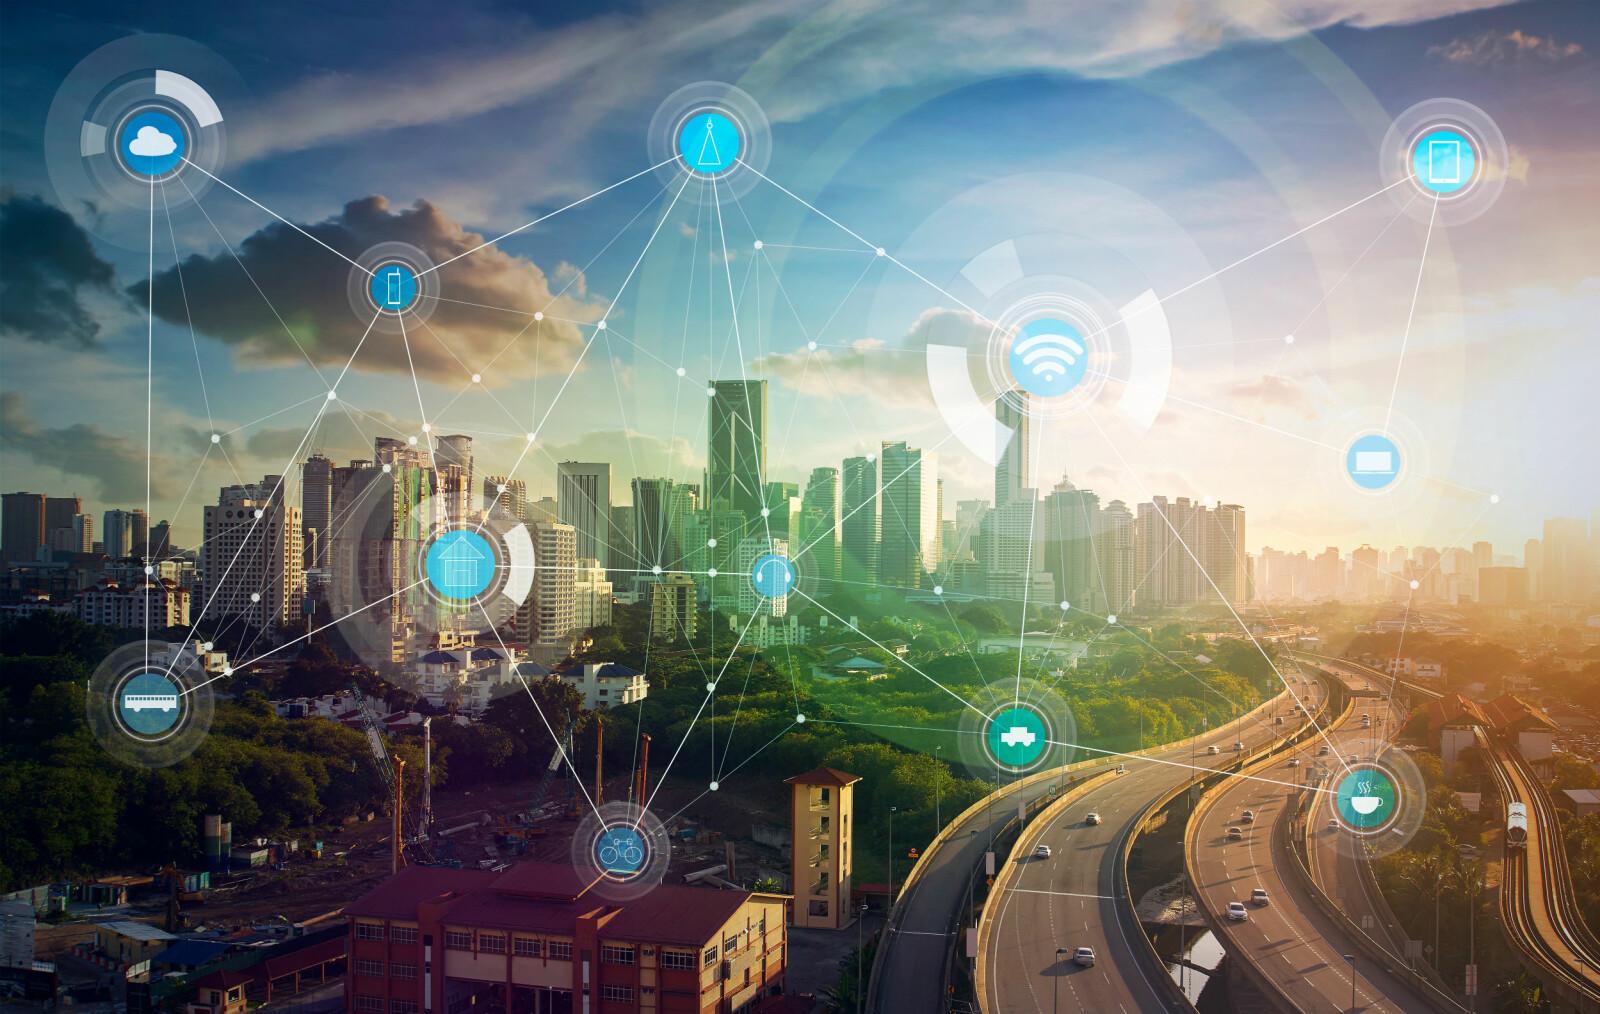 BRAVE NEW WORLD: Ny teknologi gir nye muligheter, men aktualiserer også problemstillinger rundt overvåkning og rettigheter.